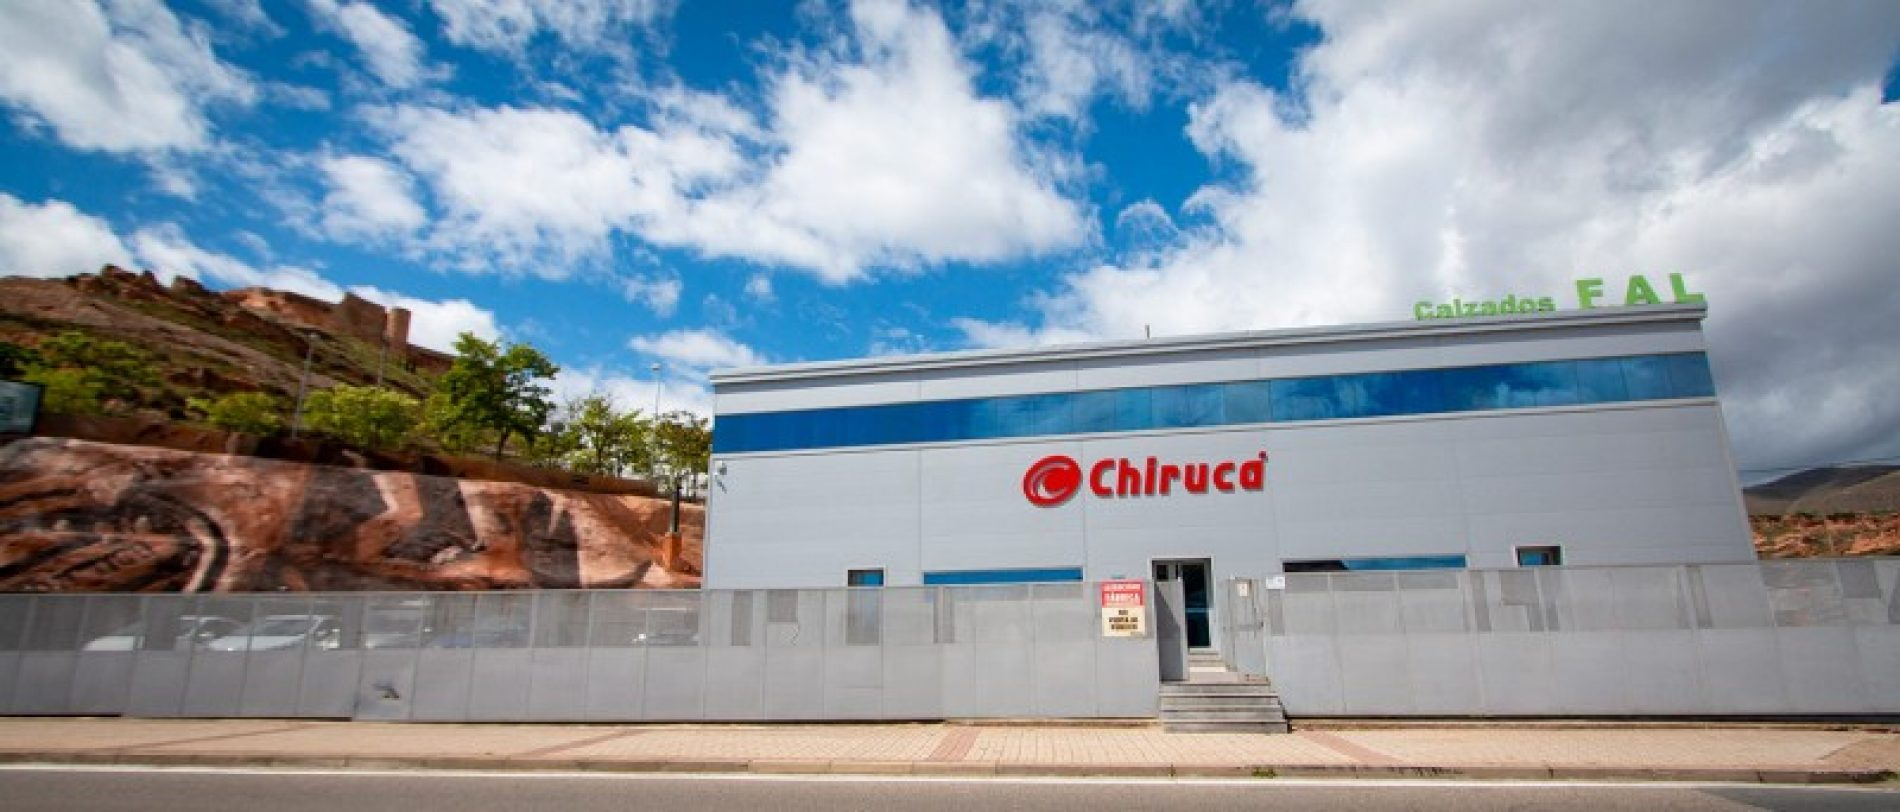 Calzados Fal – Chiruca®, empresa cada vez más comprometida con el medio ambiente.